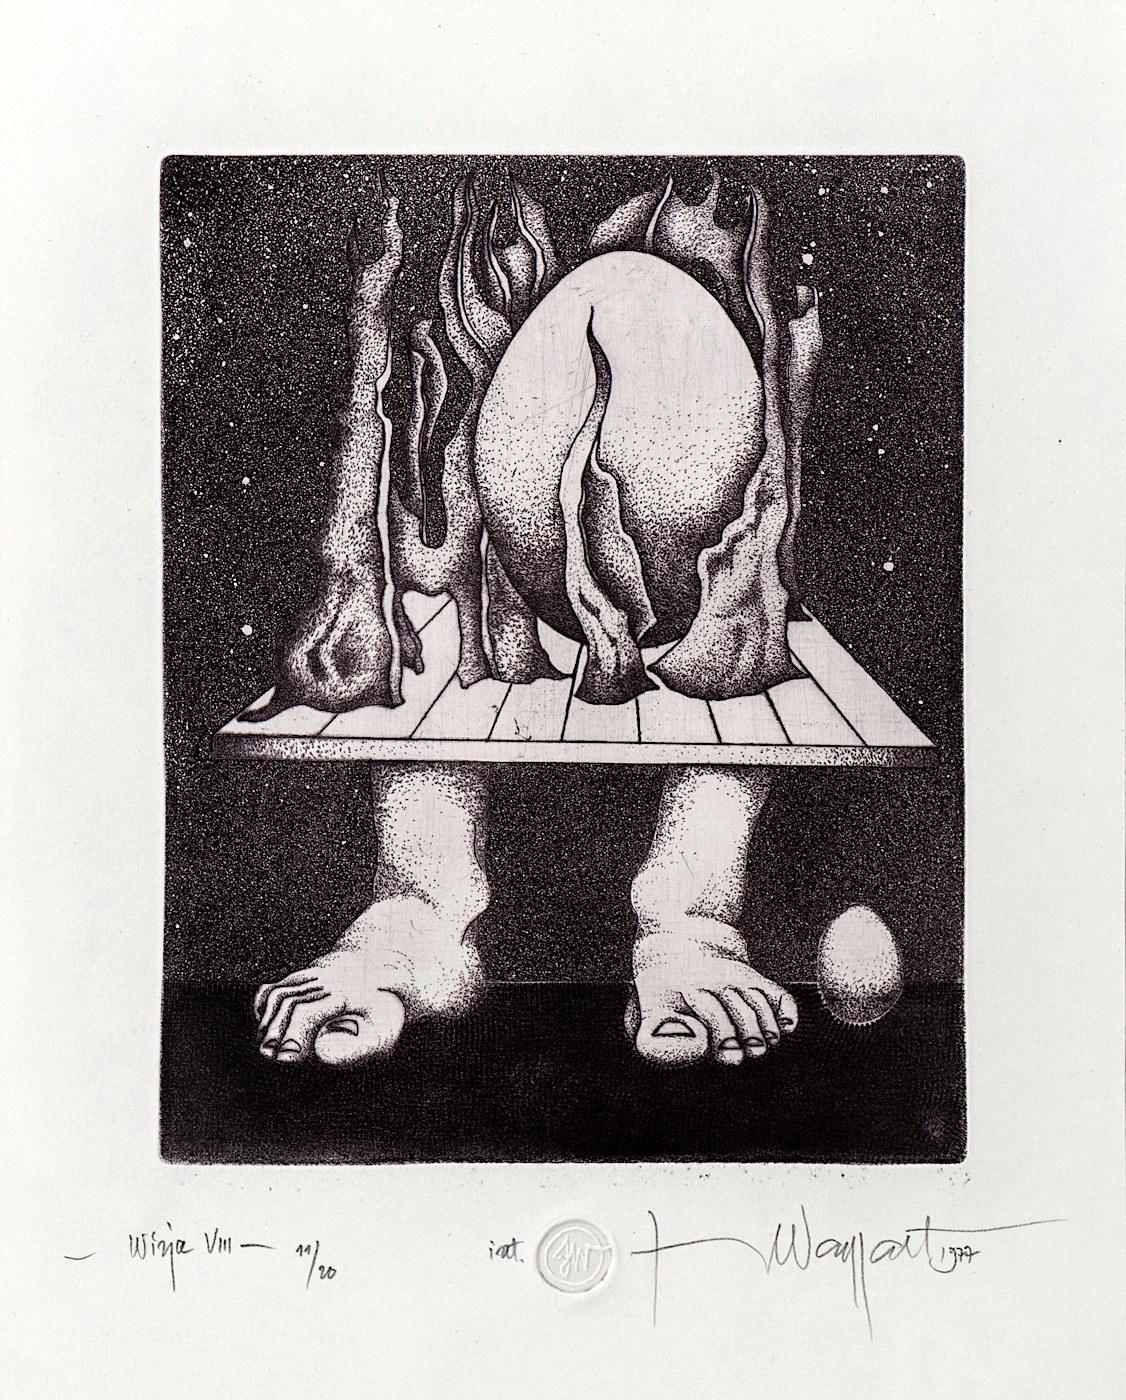 Jerzy Waygart, Wizja VIII, 1977